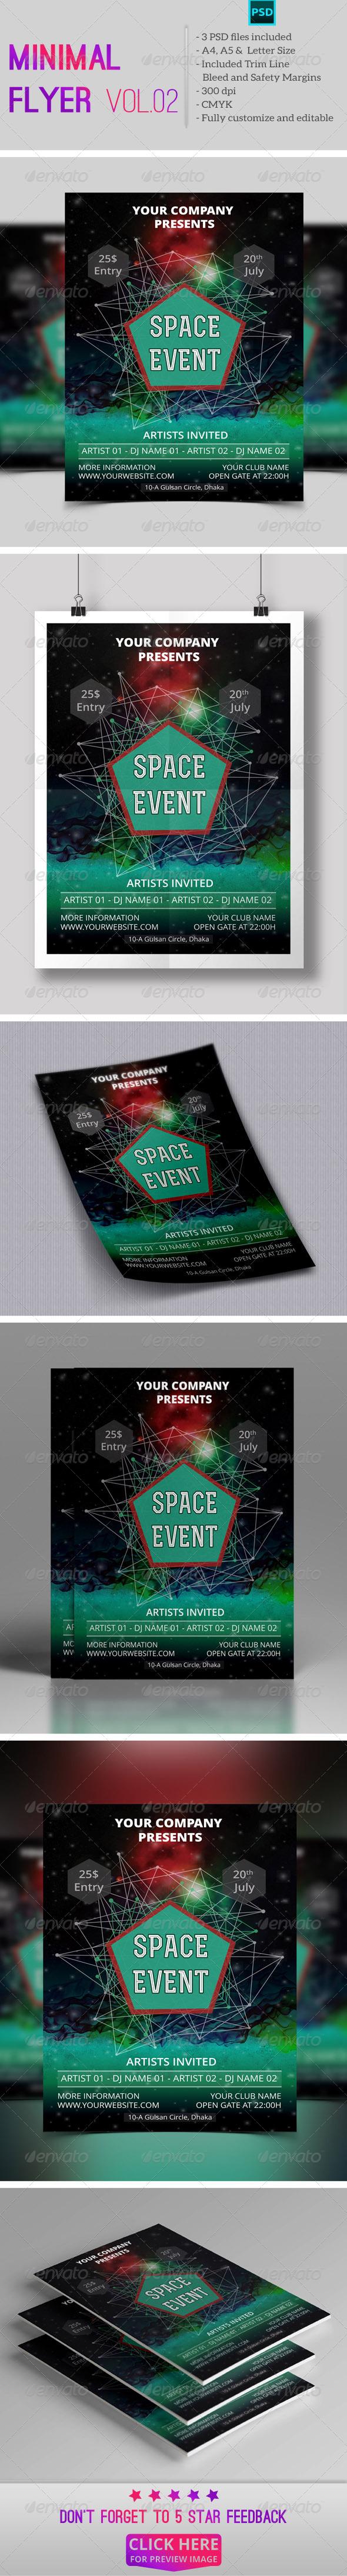 GraphicRiver Minimal Flyer Vol.02 7988546